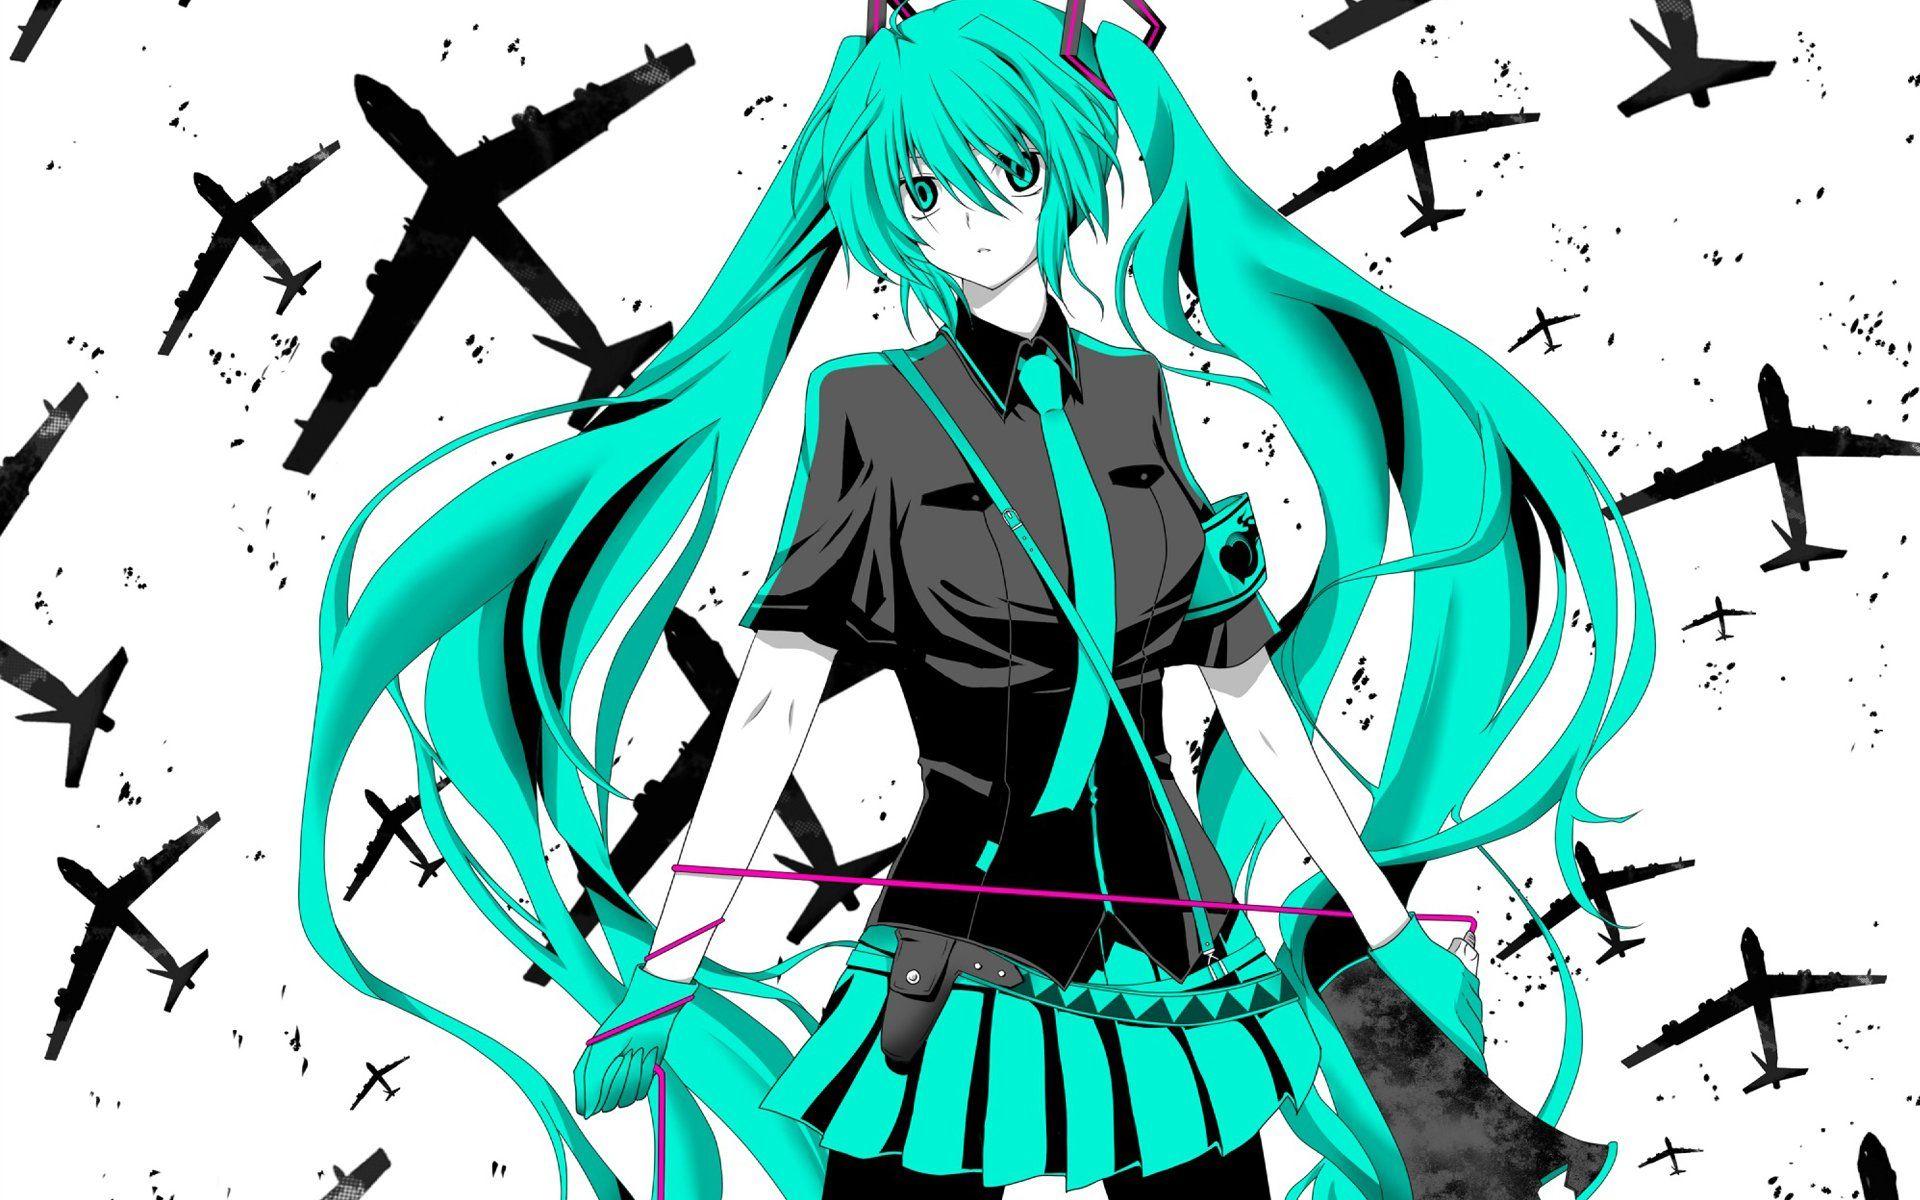 Vocaloid Hatsune Miku Love Is War Megaphones Wallpaper 1920x1200